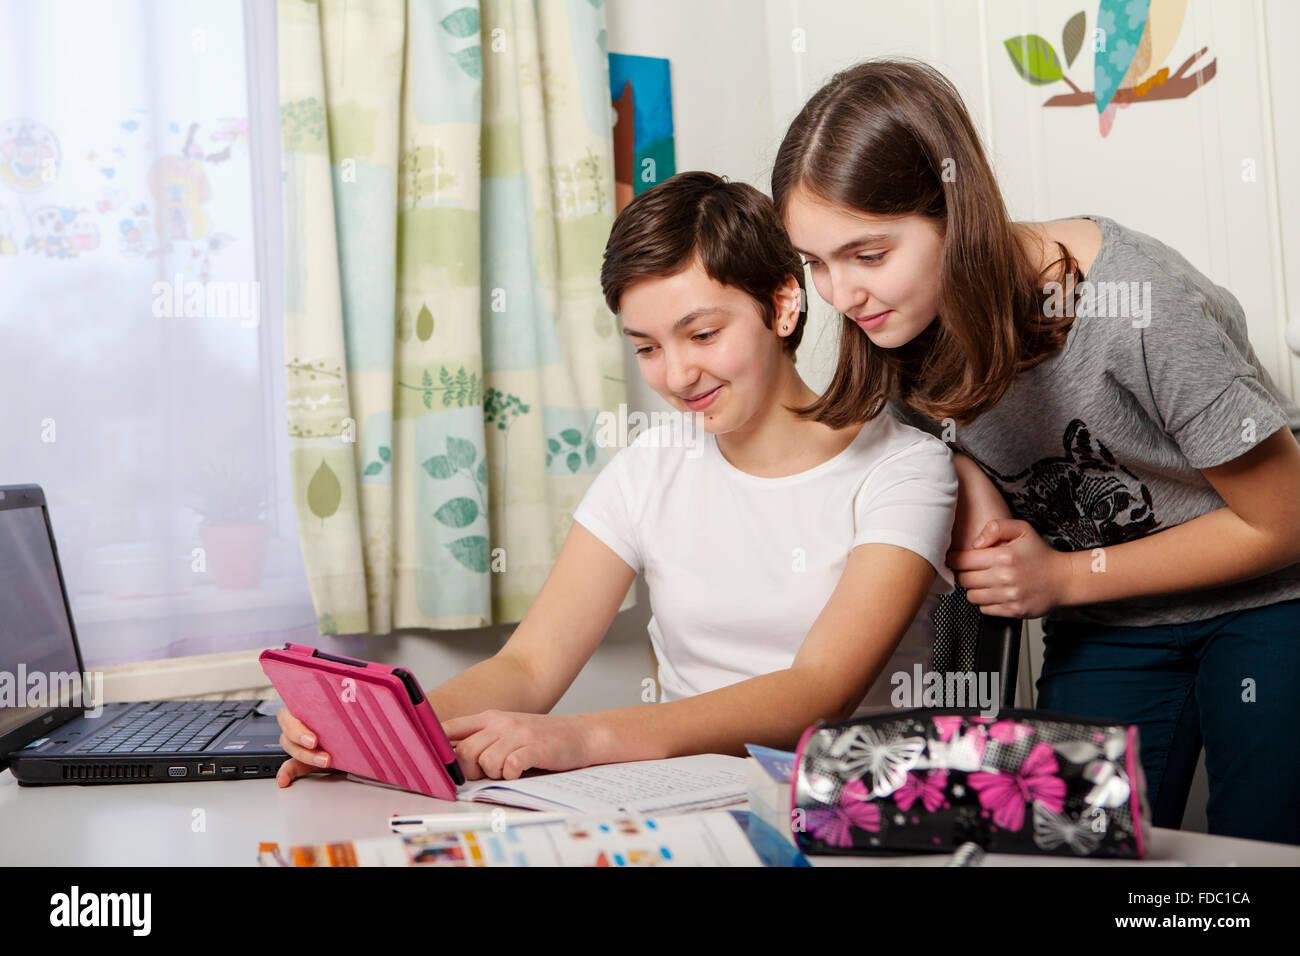 Zwei Teenager Schwestern zu Hause mit tablet Stockbild